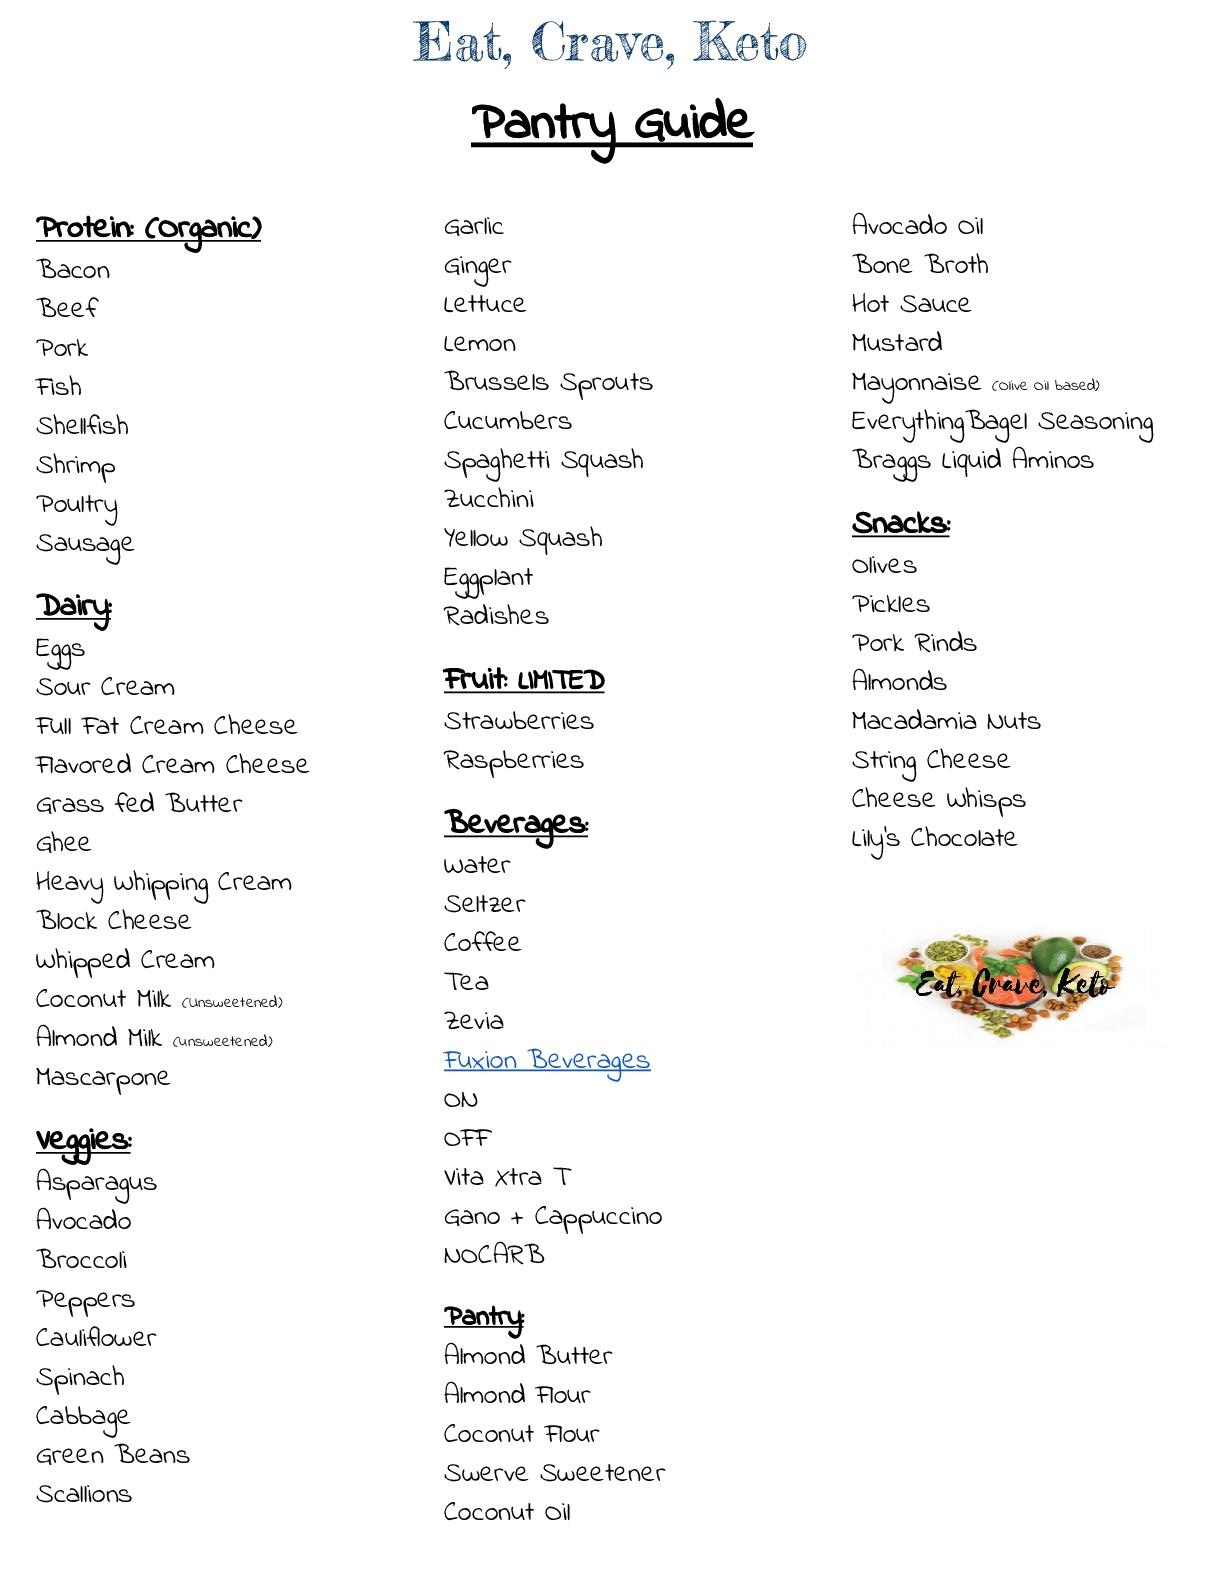 New-Pantry-List-002.jpg